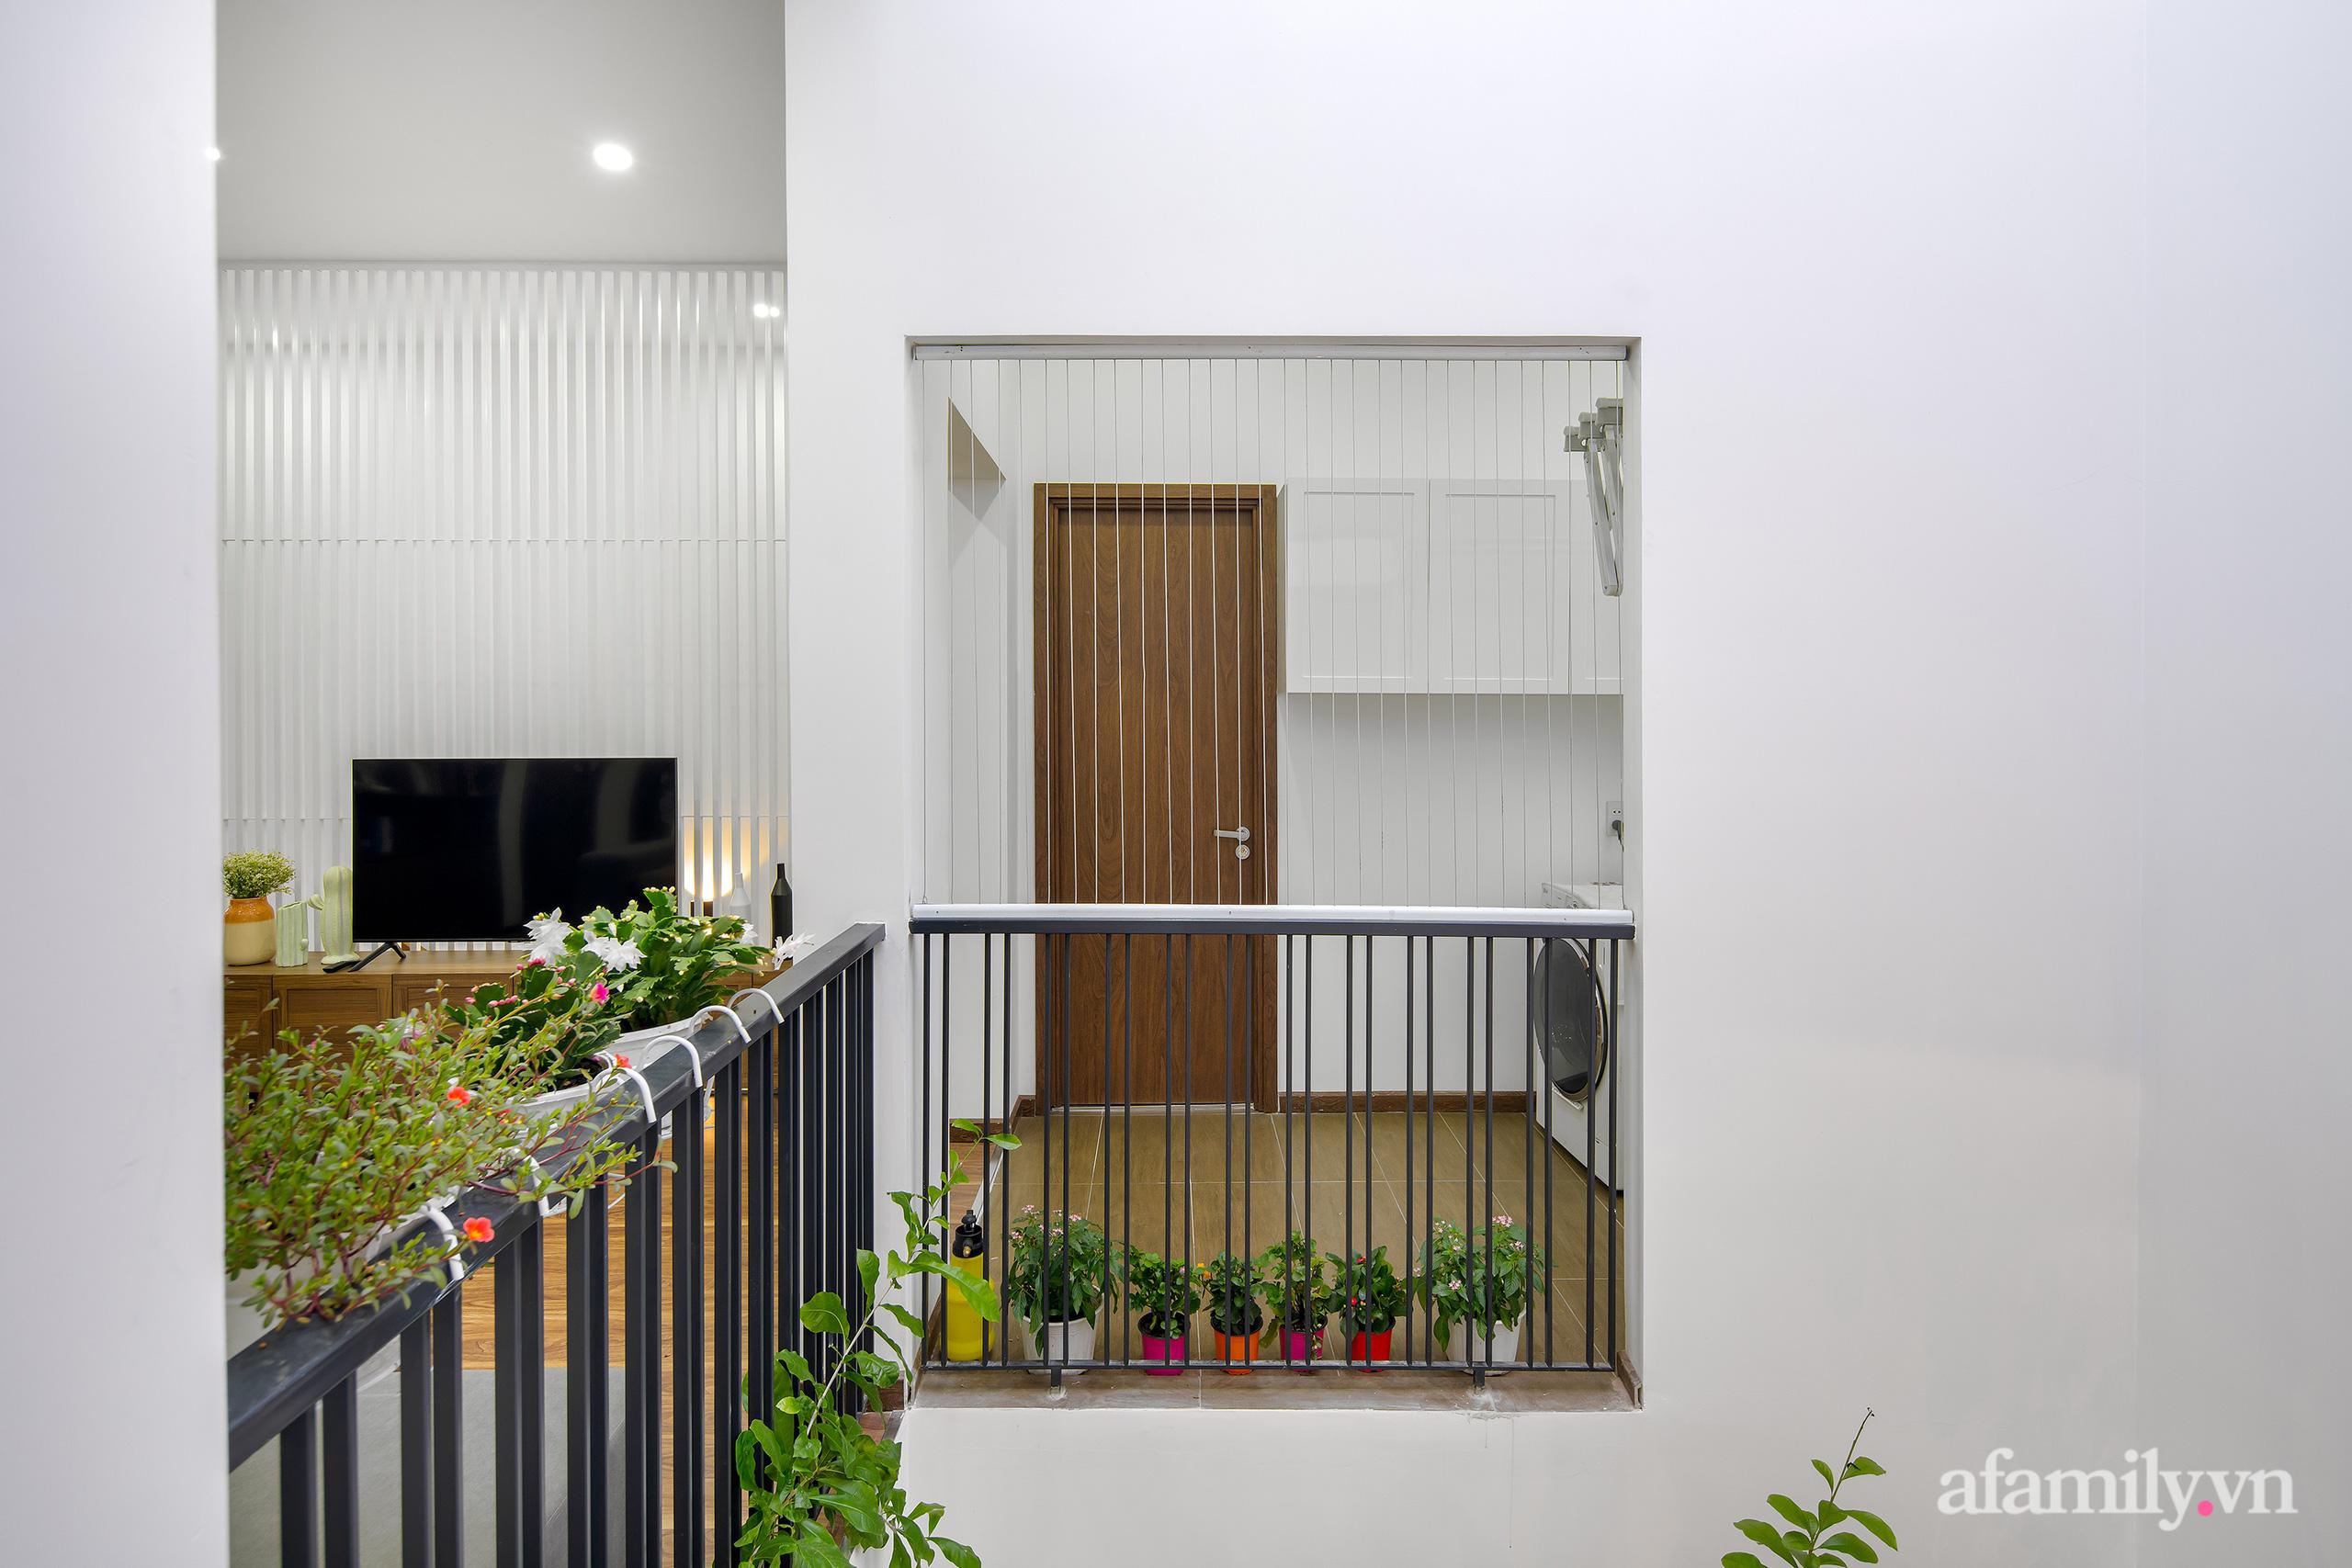 Nhà trong hẻm nhỏ vẫn ngập tràn ánh sáng, duyên dáng với nội thất tối giản ở Đà Nẵng - Ảnh 22.